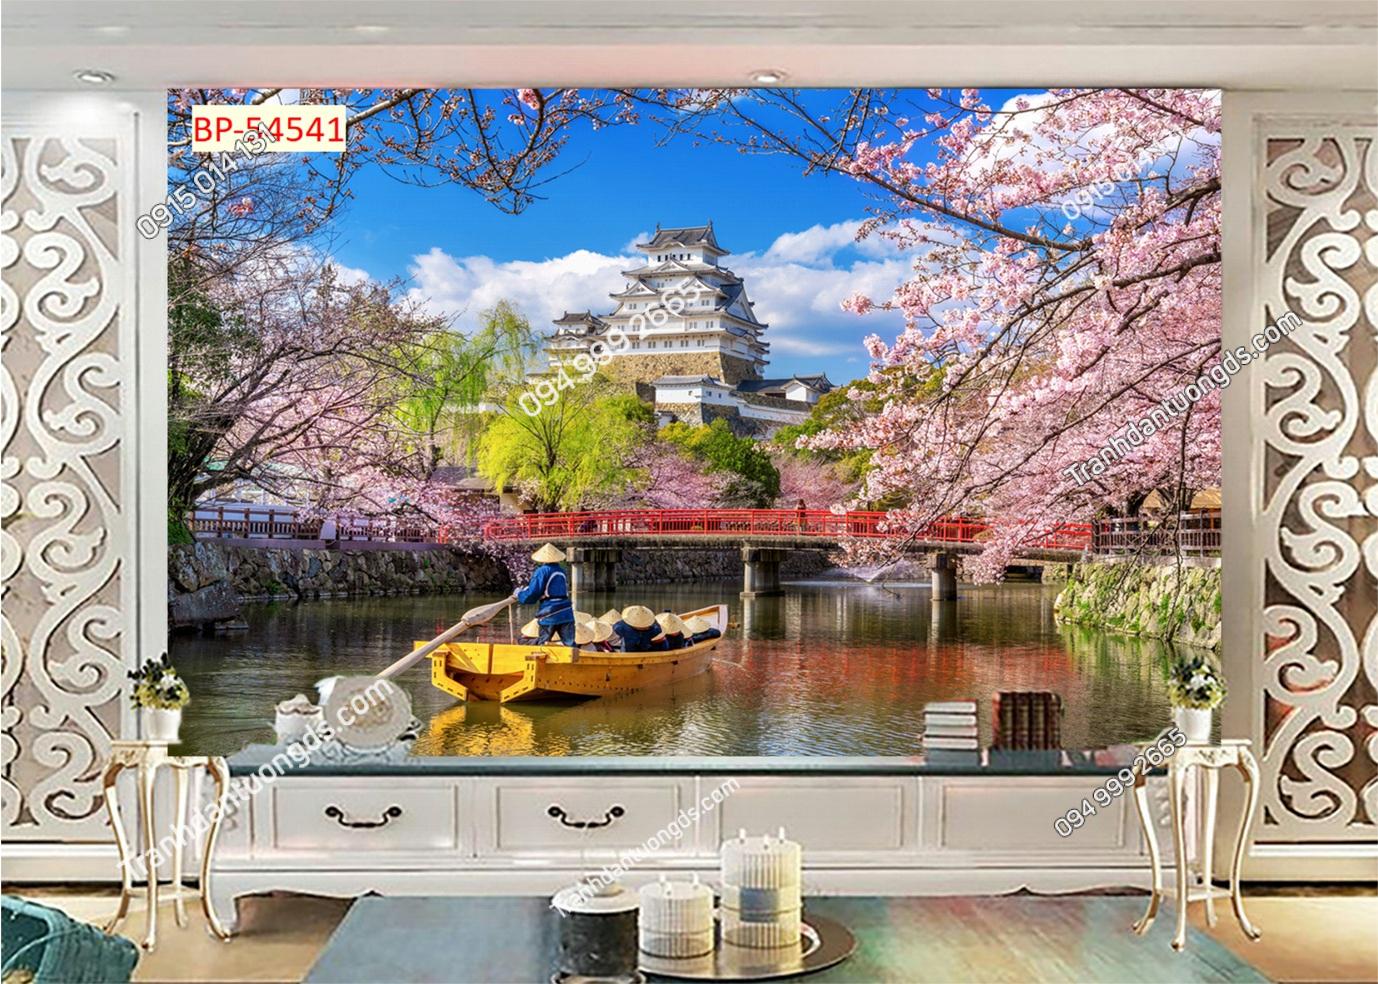 Tranh tường hoa anh đào Nhật Bản 54541